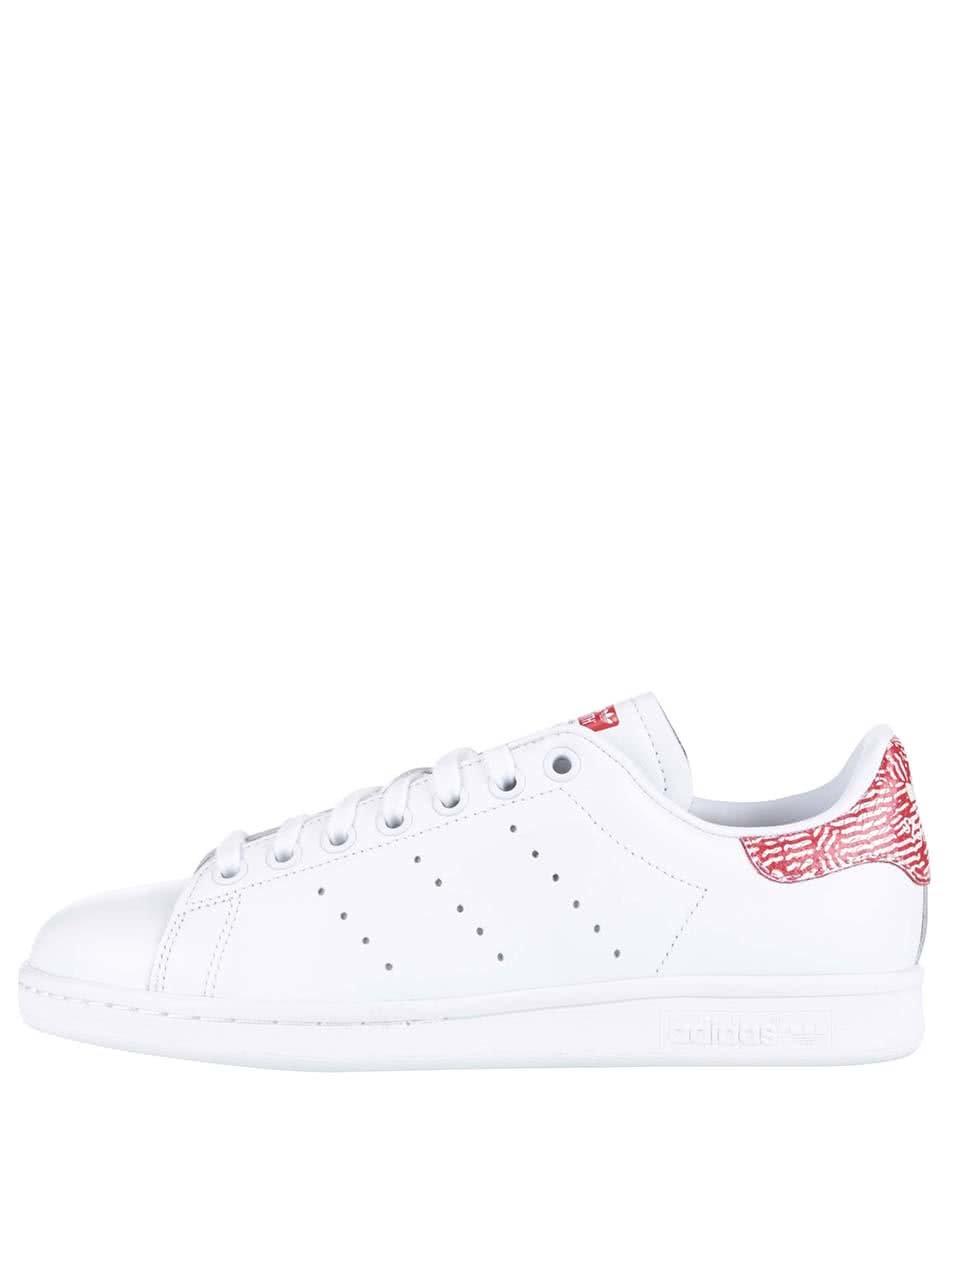 Bílé dámské kožené tenisky s červenými detaily adidas Originals Stan Smith